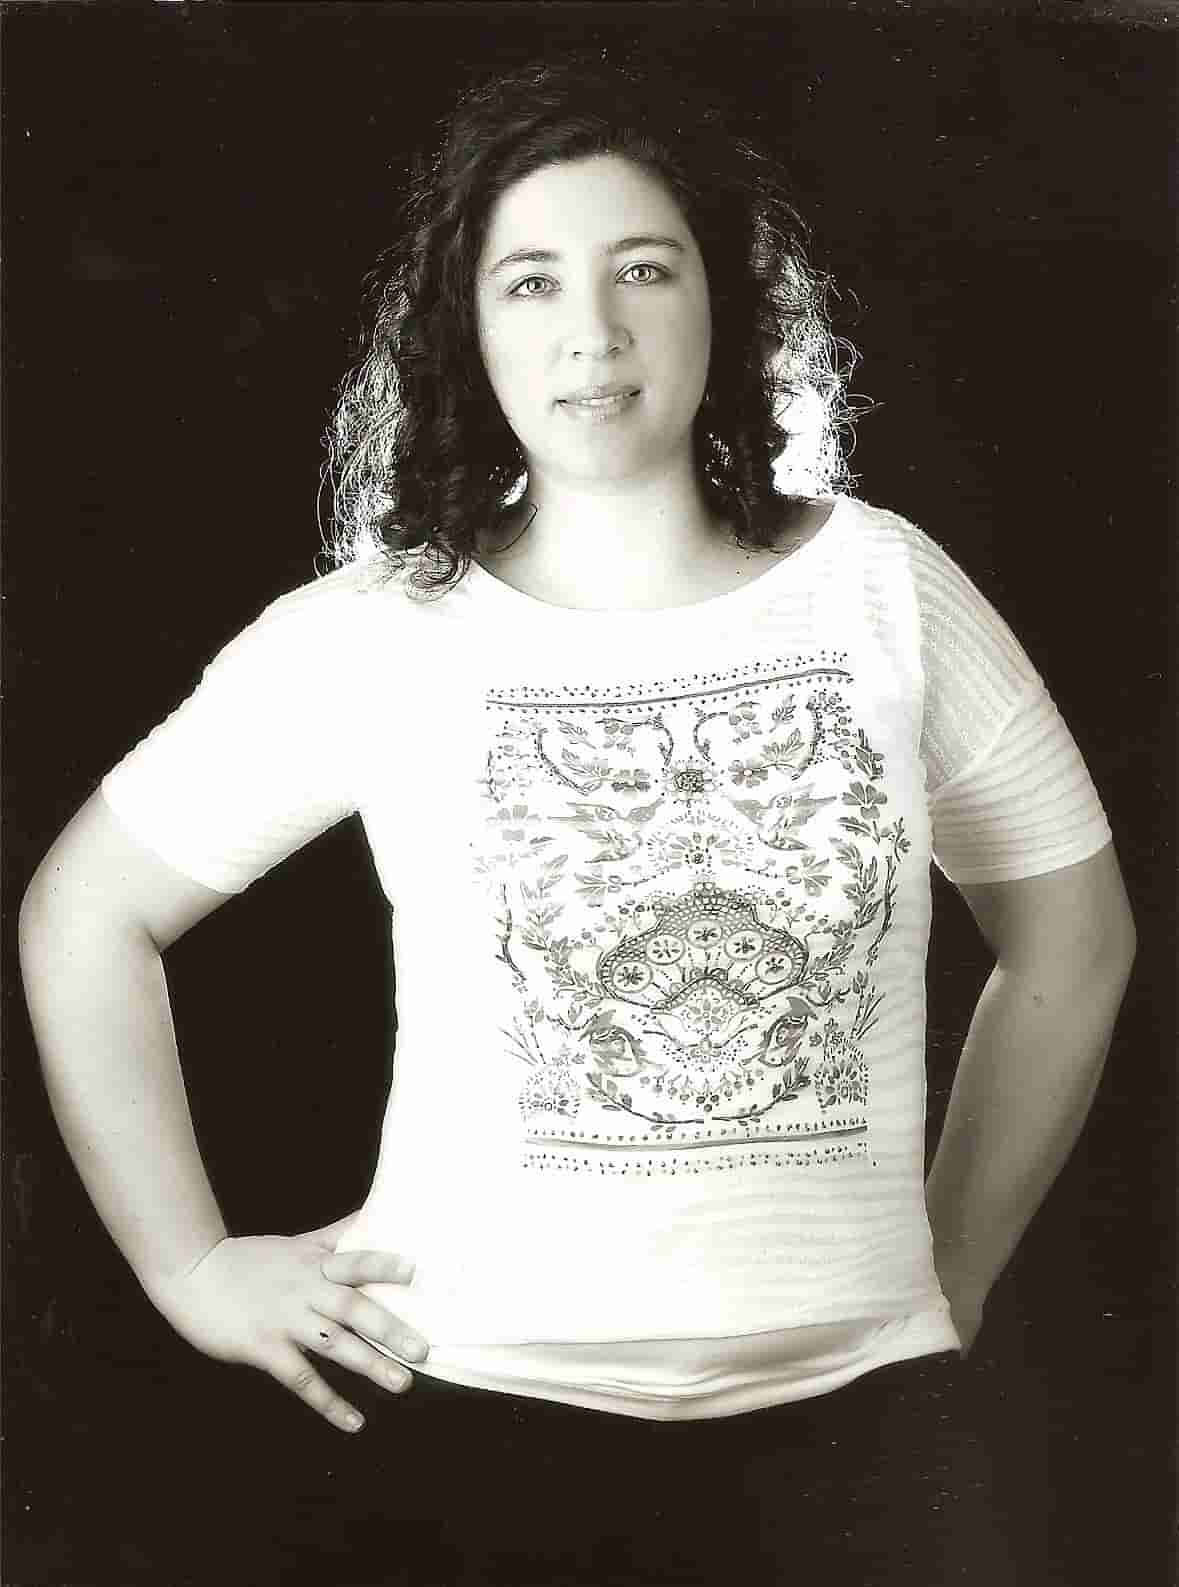 Fotografia da Rita Menezes